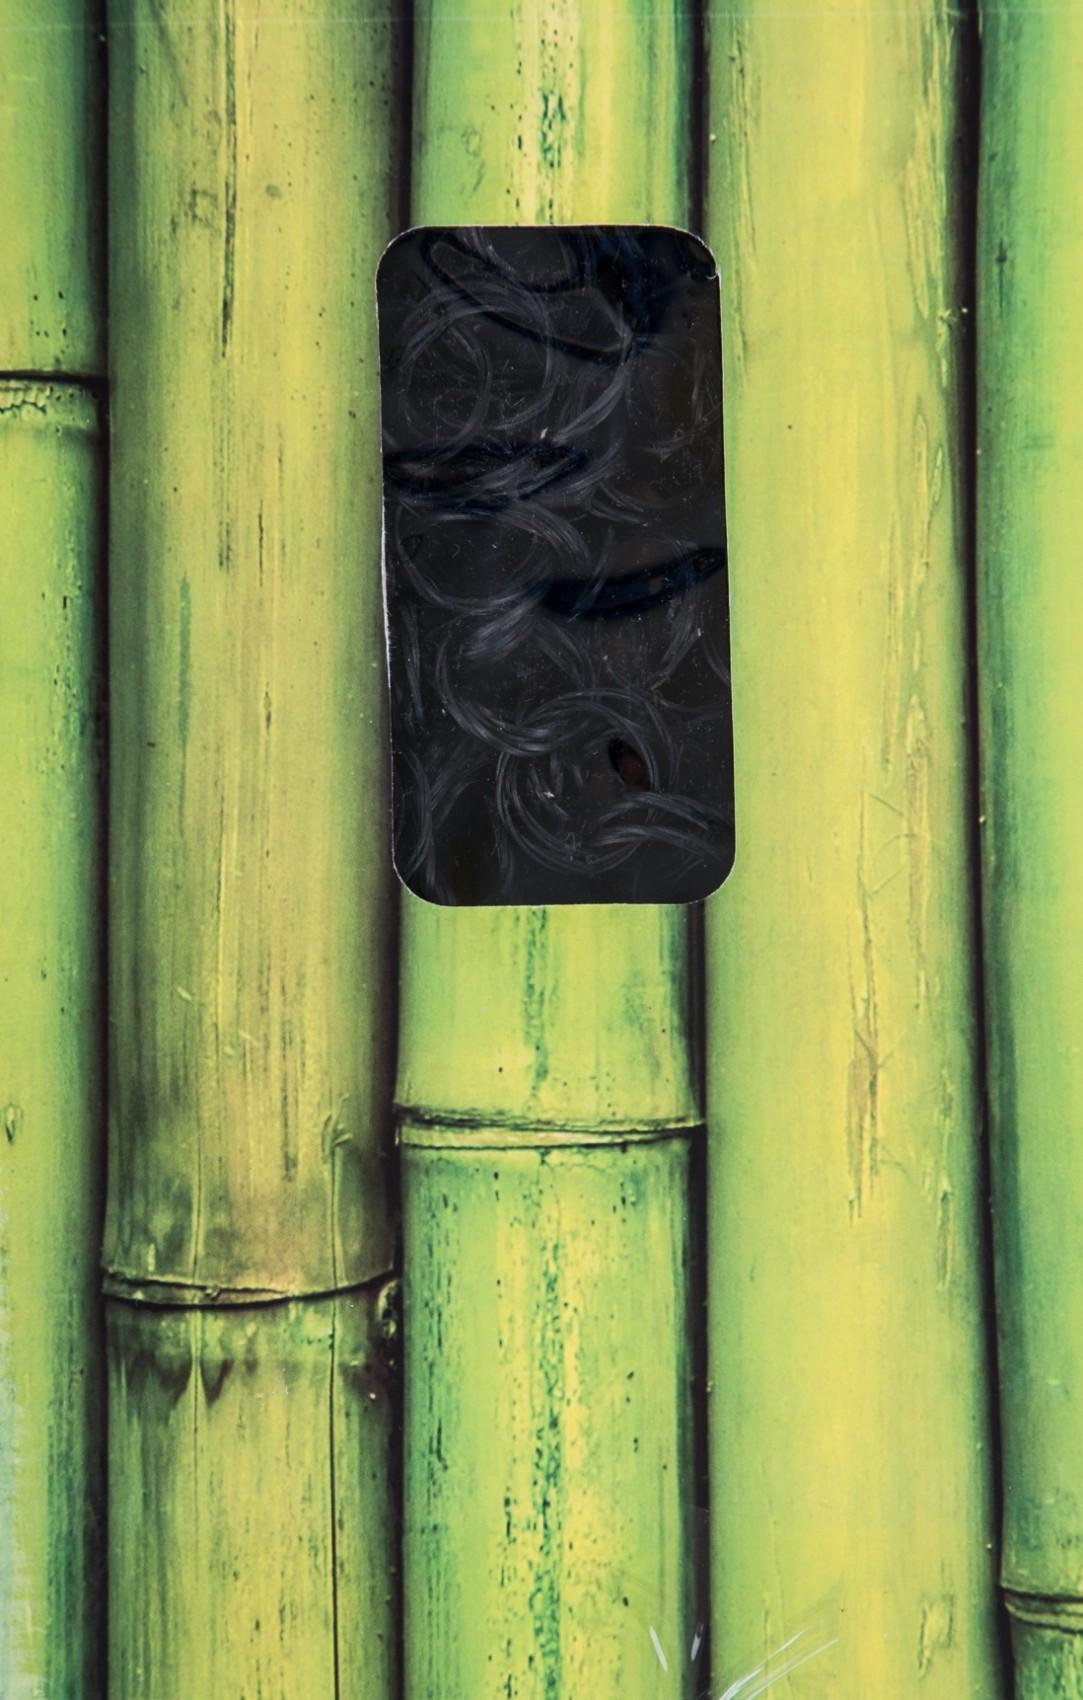 t rvorhang aus bambus buddha strings dekovorhang bambusvorhang perlenvorhang neu ebay. Black Bedroom Furniture Sets. Home Design Ideas